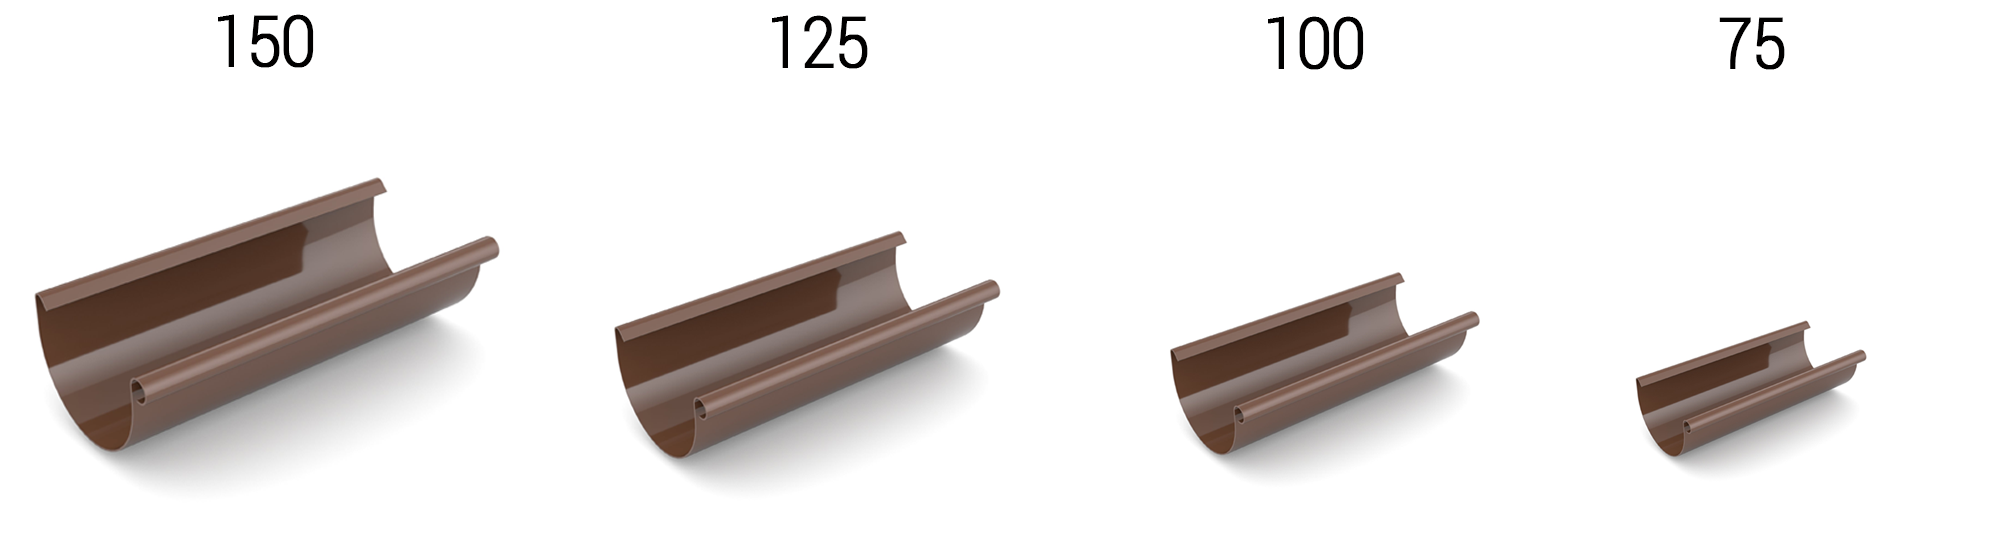 Размеры водосточной системы Bryza. Системы 125 мм, 150 мм, 100 мм, 75 мм